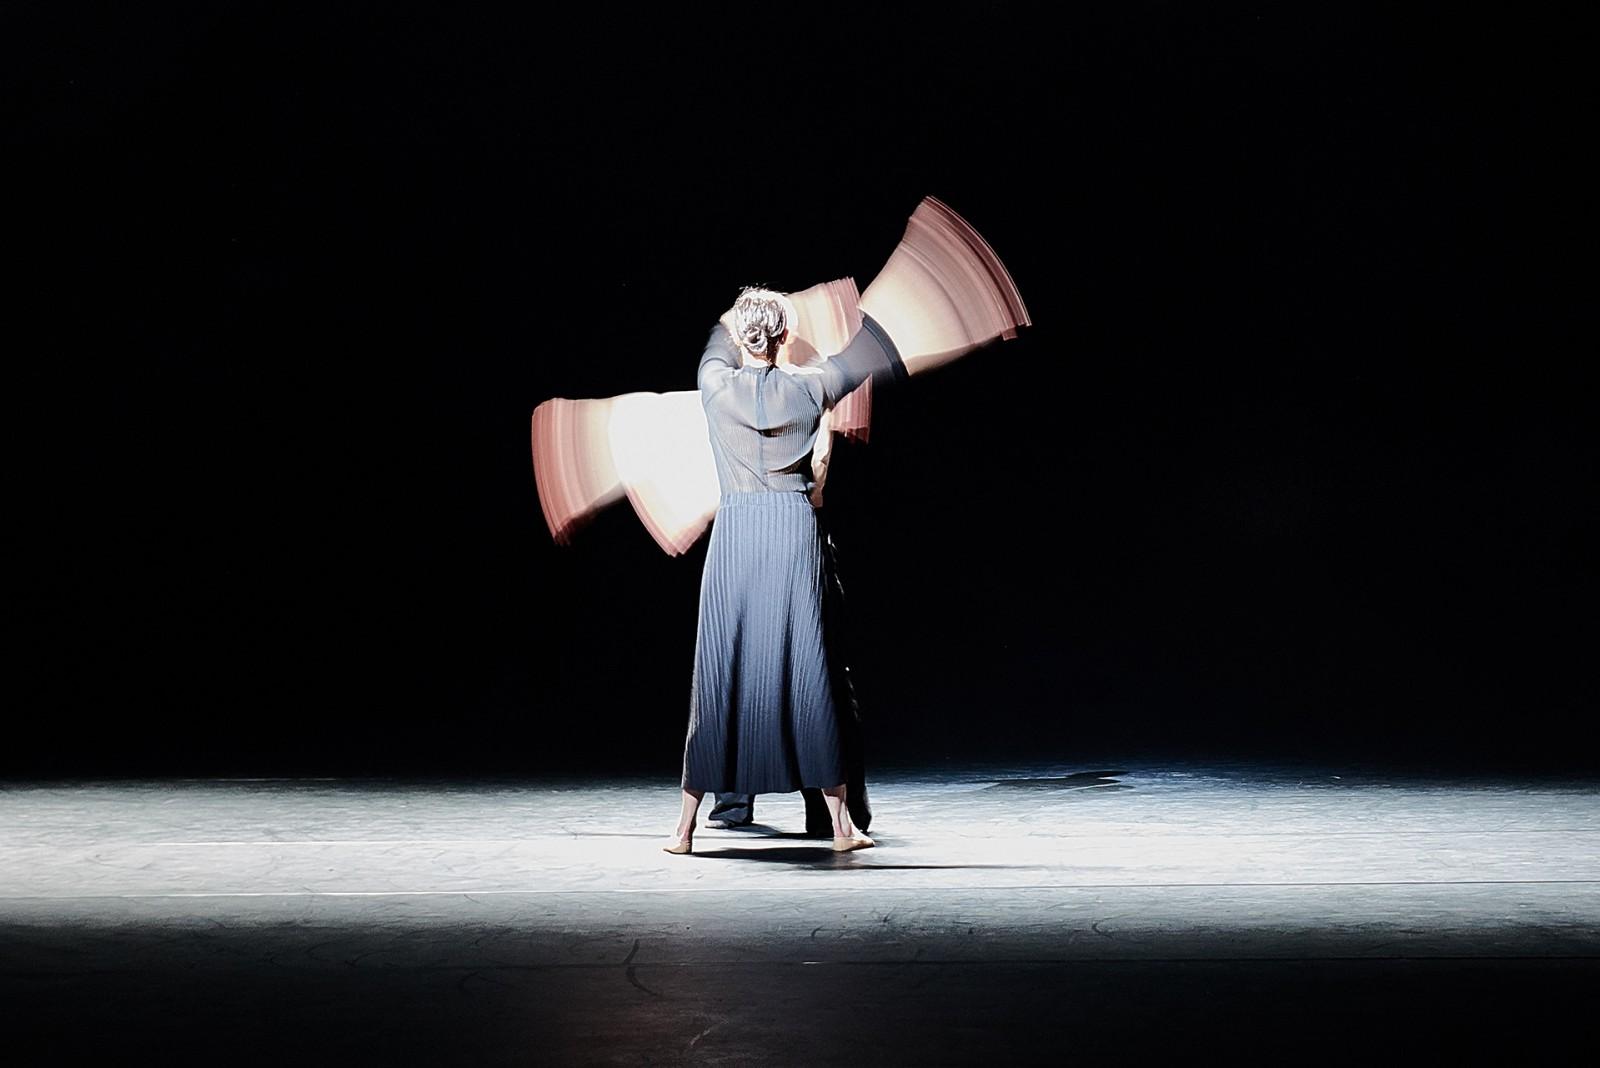 Igone de Jongh & Guido Dutilh ©Peter Bilak http://make-move-think.org/